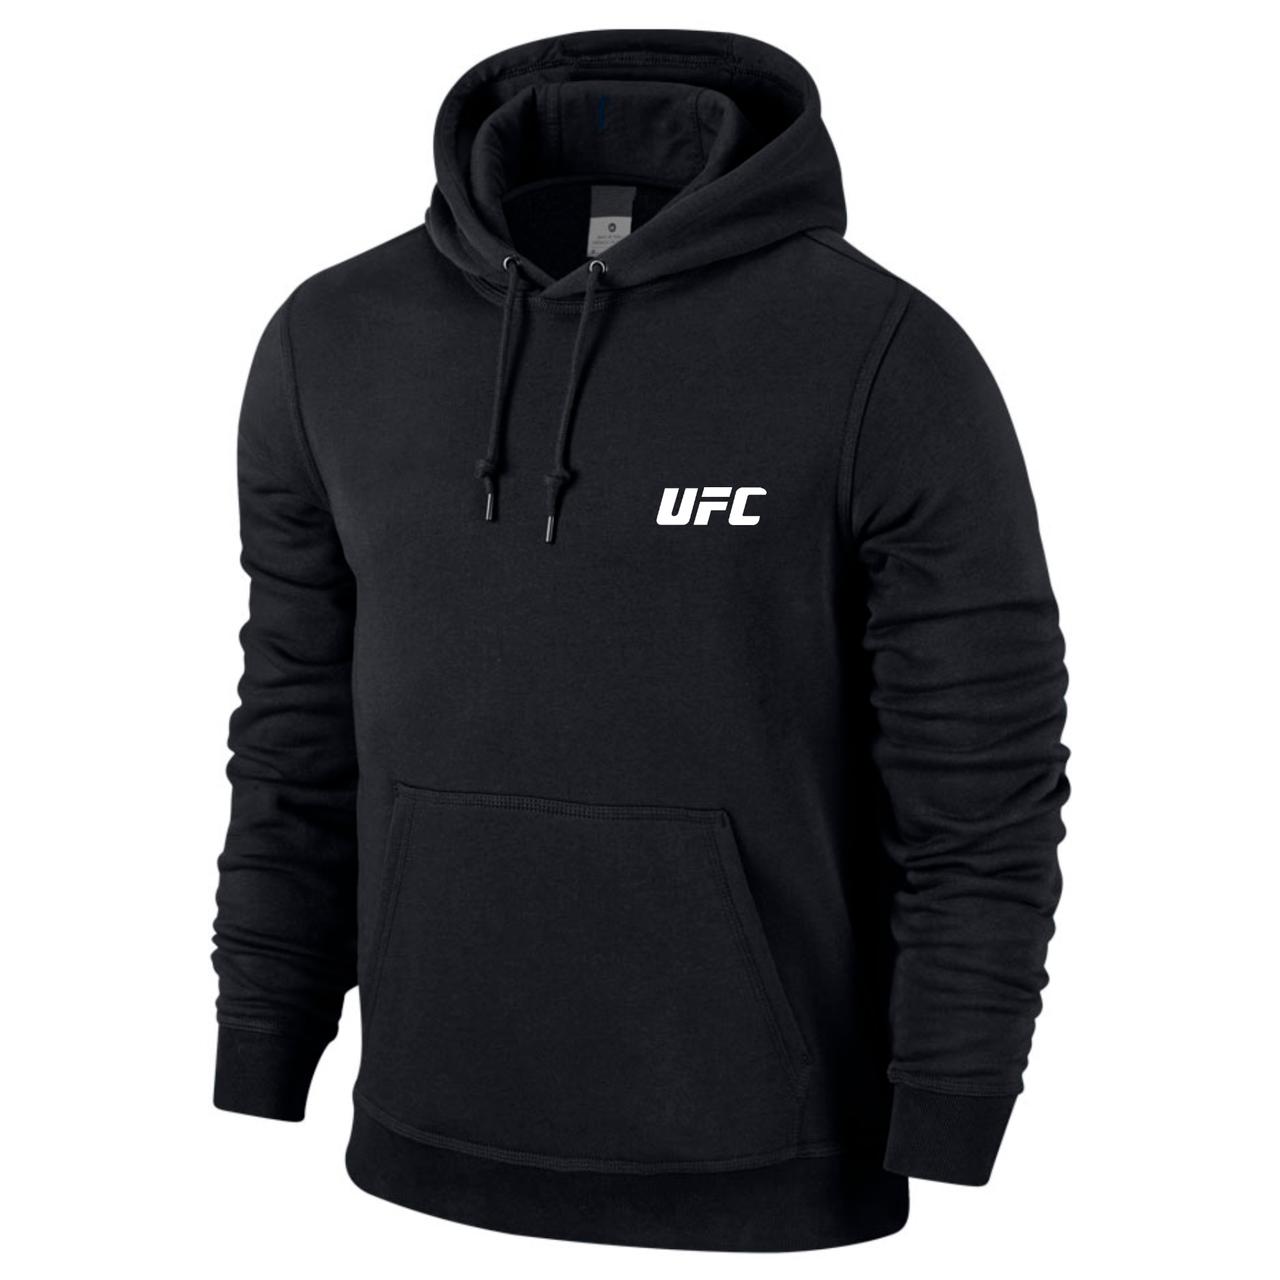 Спортивная мужская кофта UFC, черная